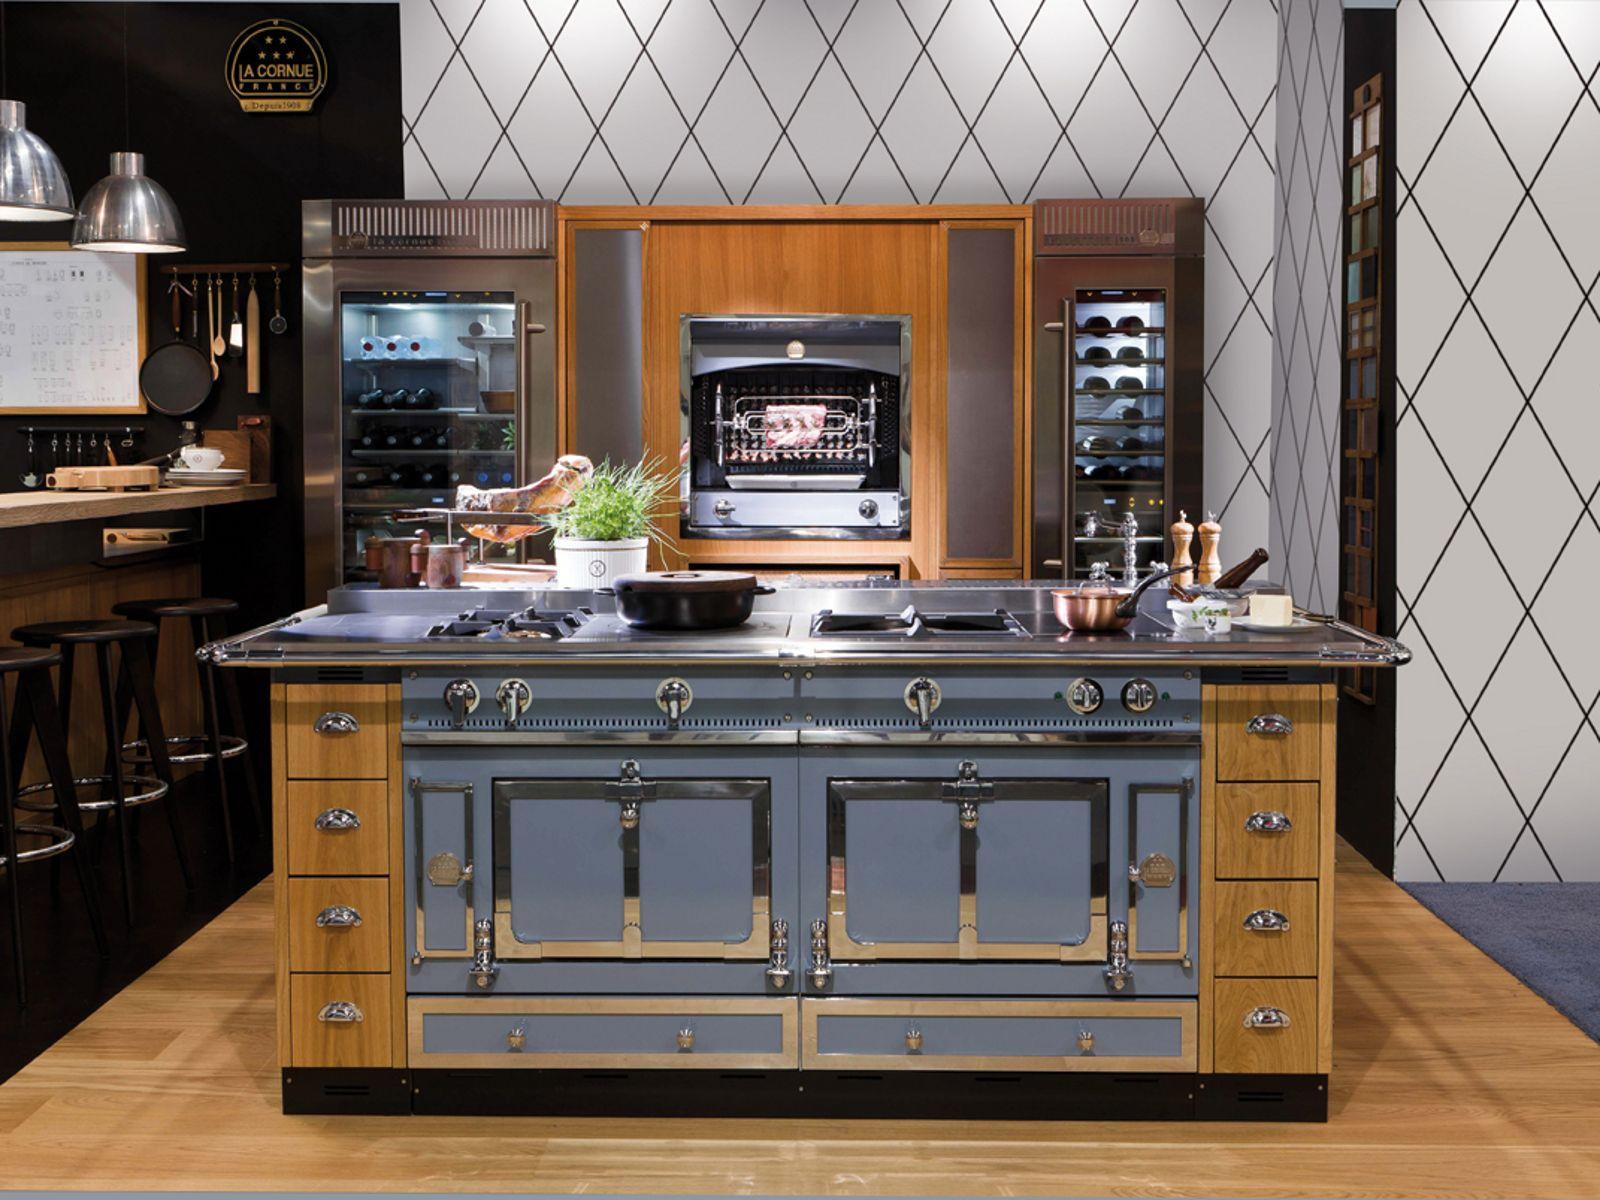 Stainless steel cooker ch teau 150 by la cornue - La cornue prix cuisiniere ...